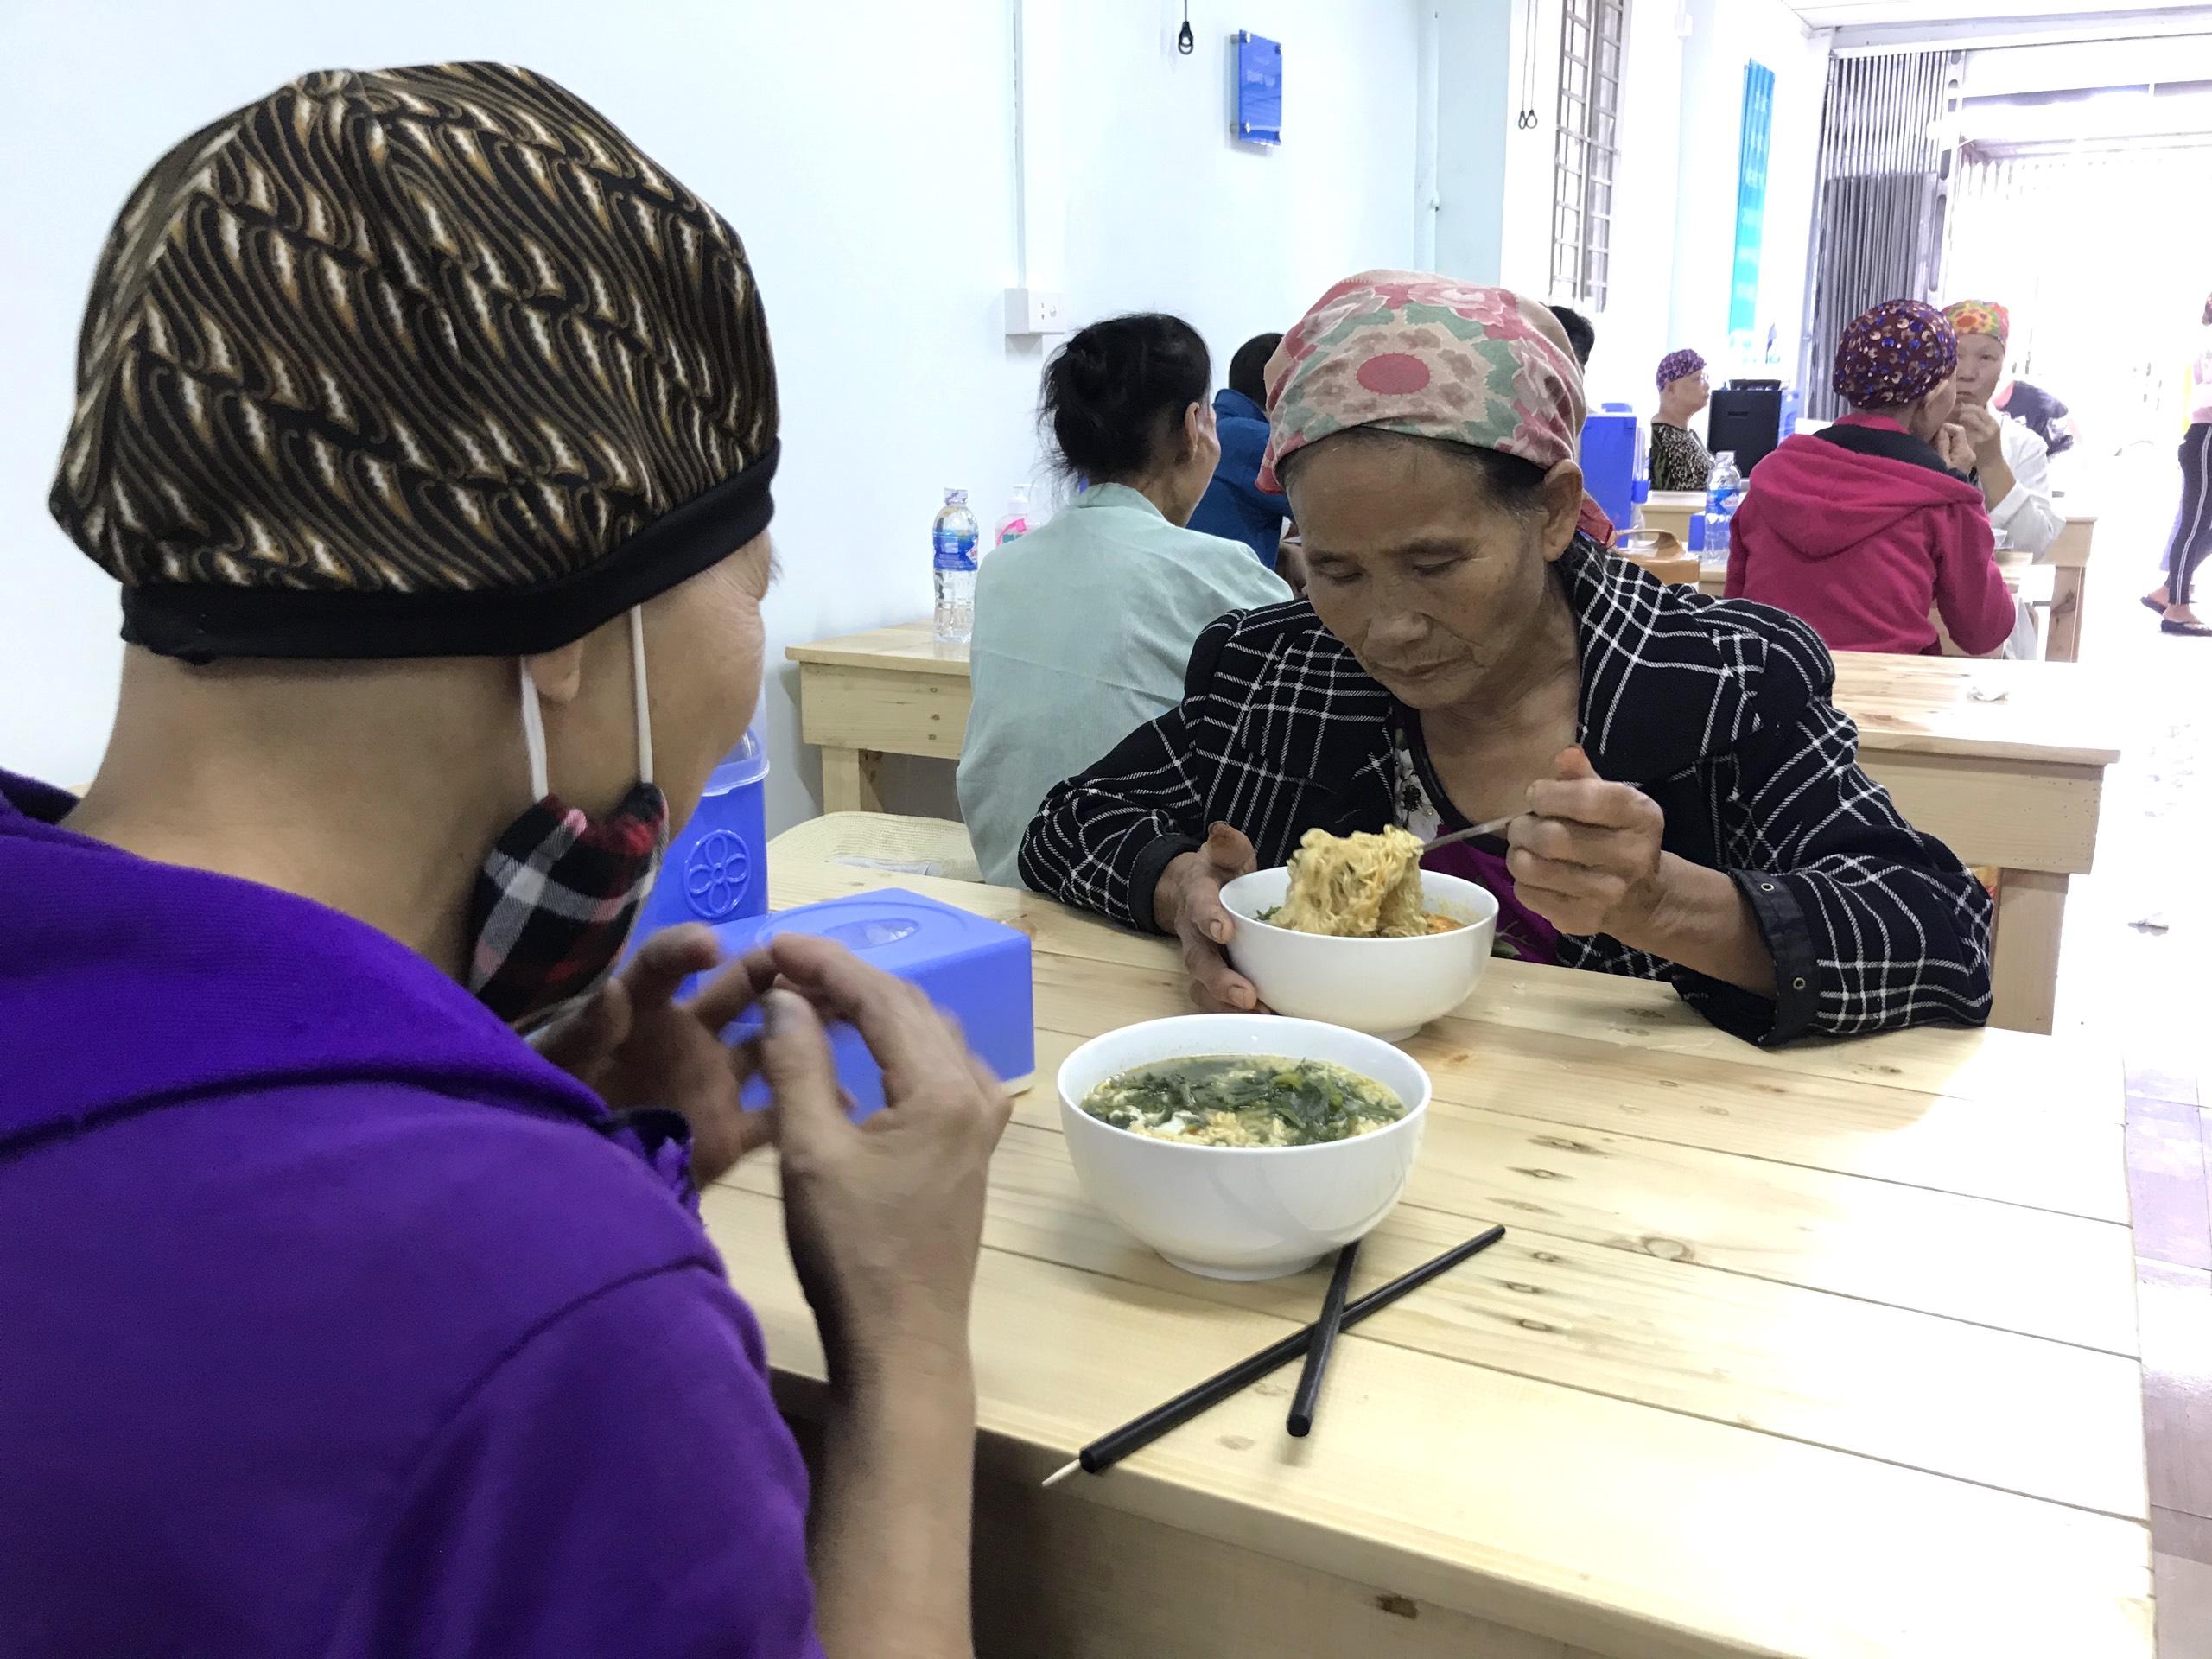 Quán cơm 2000 đồng đầu tiên ở Nghệ An: Ai không có tiền vẫn mời họ vào ăn - Ảnh 11.